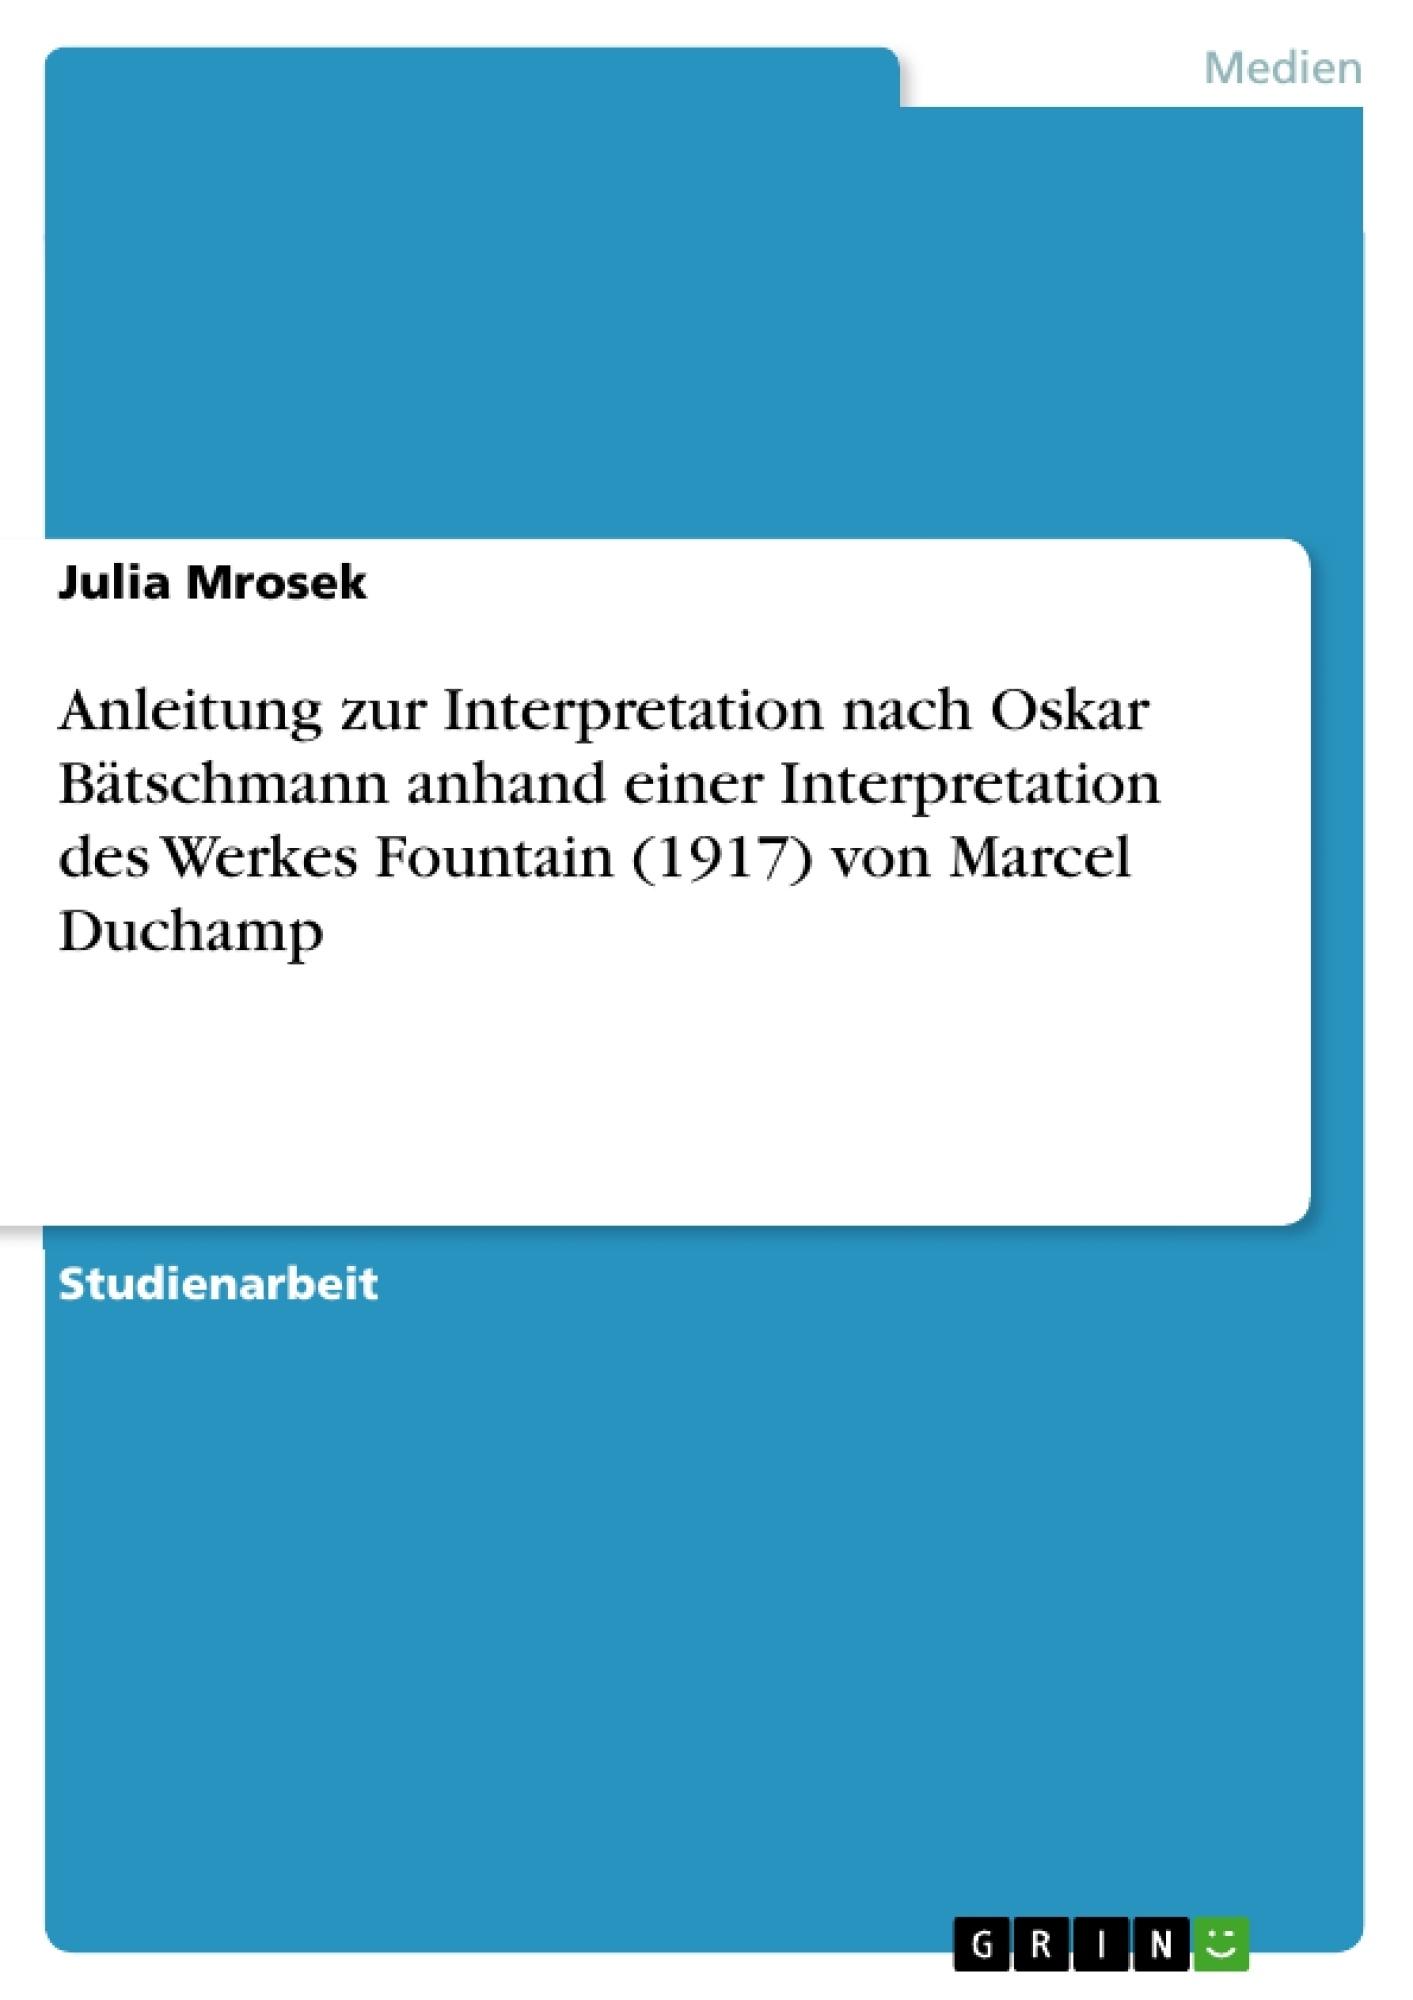 Titel: Anleitung zur Interpretation nach Oskar Bätschmann  anhand einer Interpretation des Werkes Fountain (1917) von Marcel Duchamp